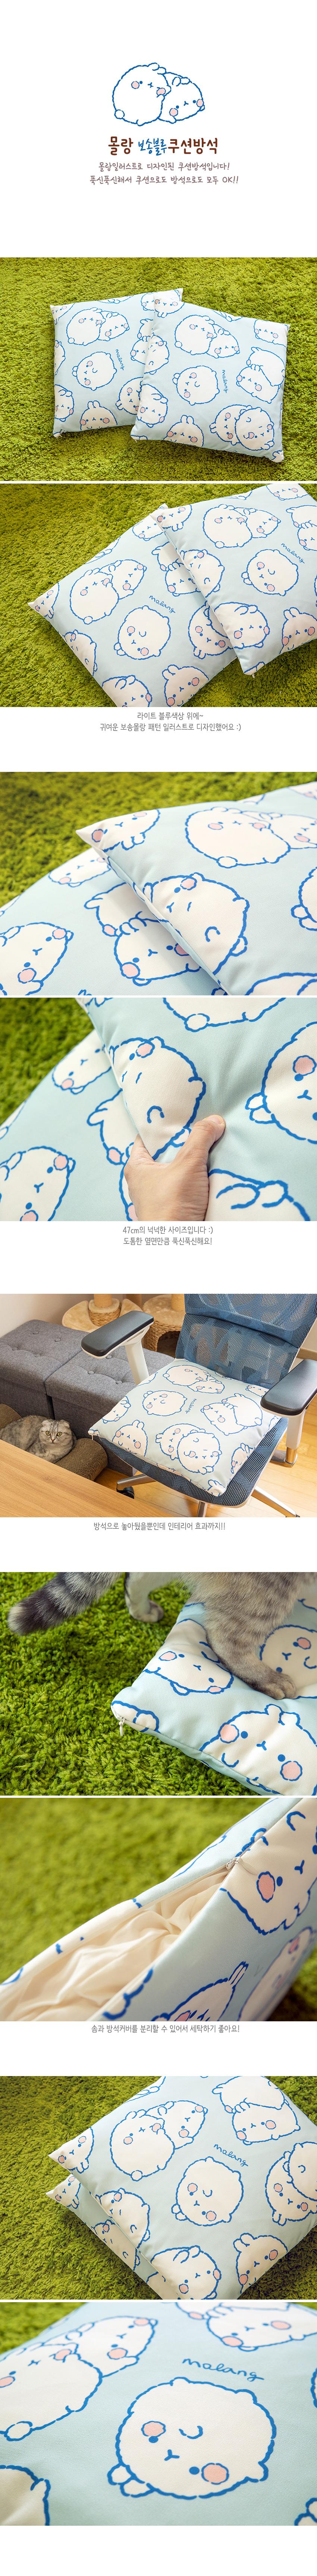 몰랑 블루보송쿠션방석 - 몰랑이, 27,000원, 방석, 캐릭터